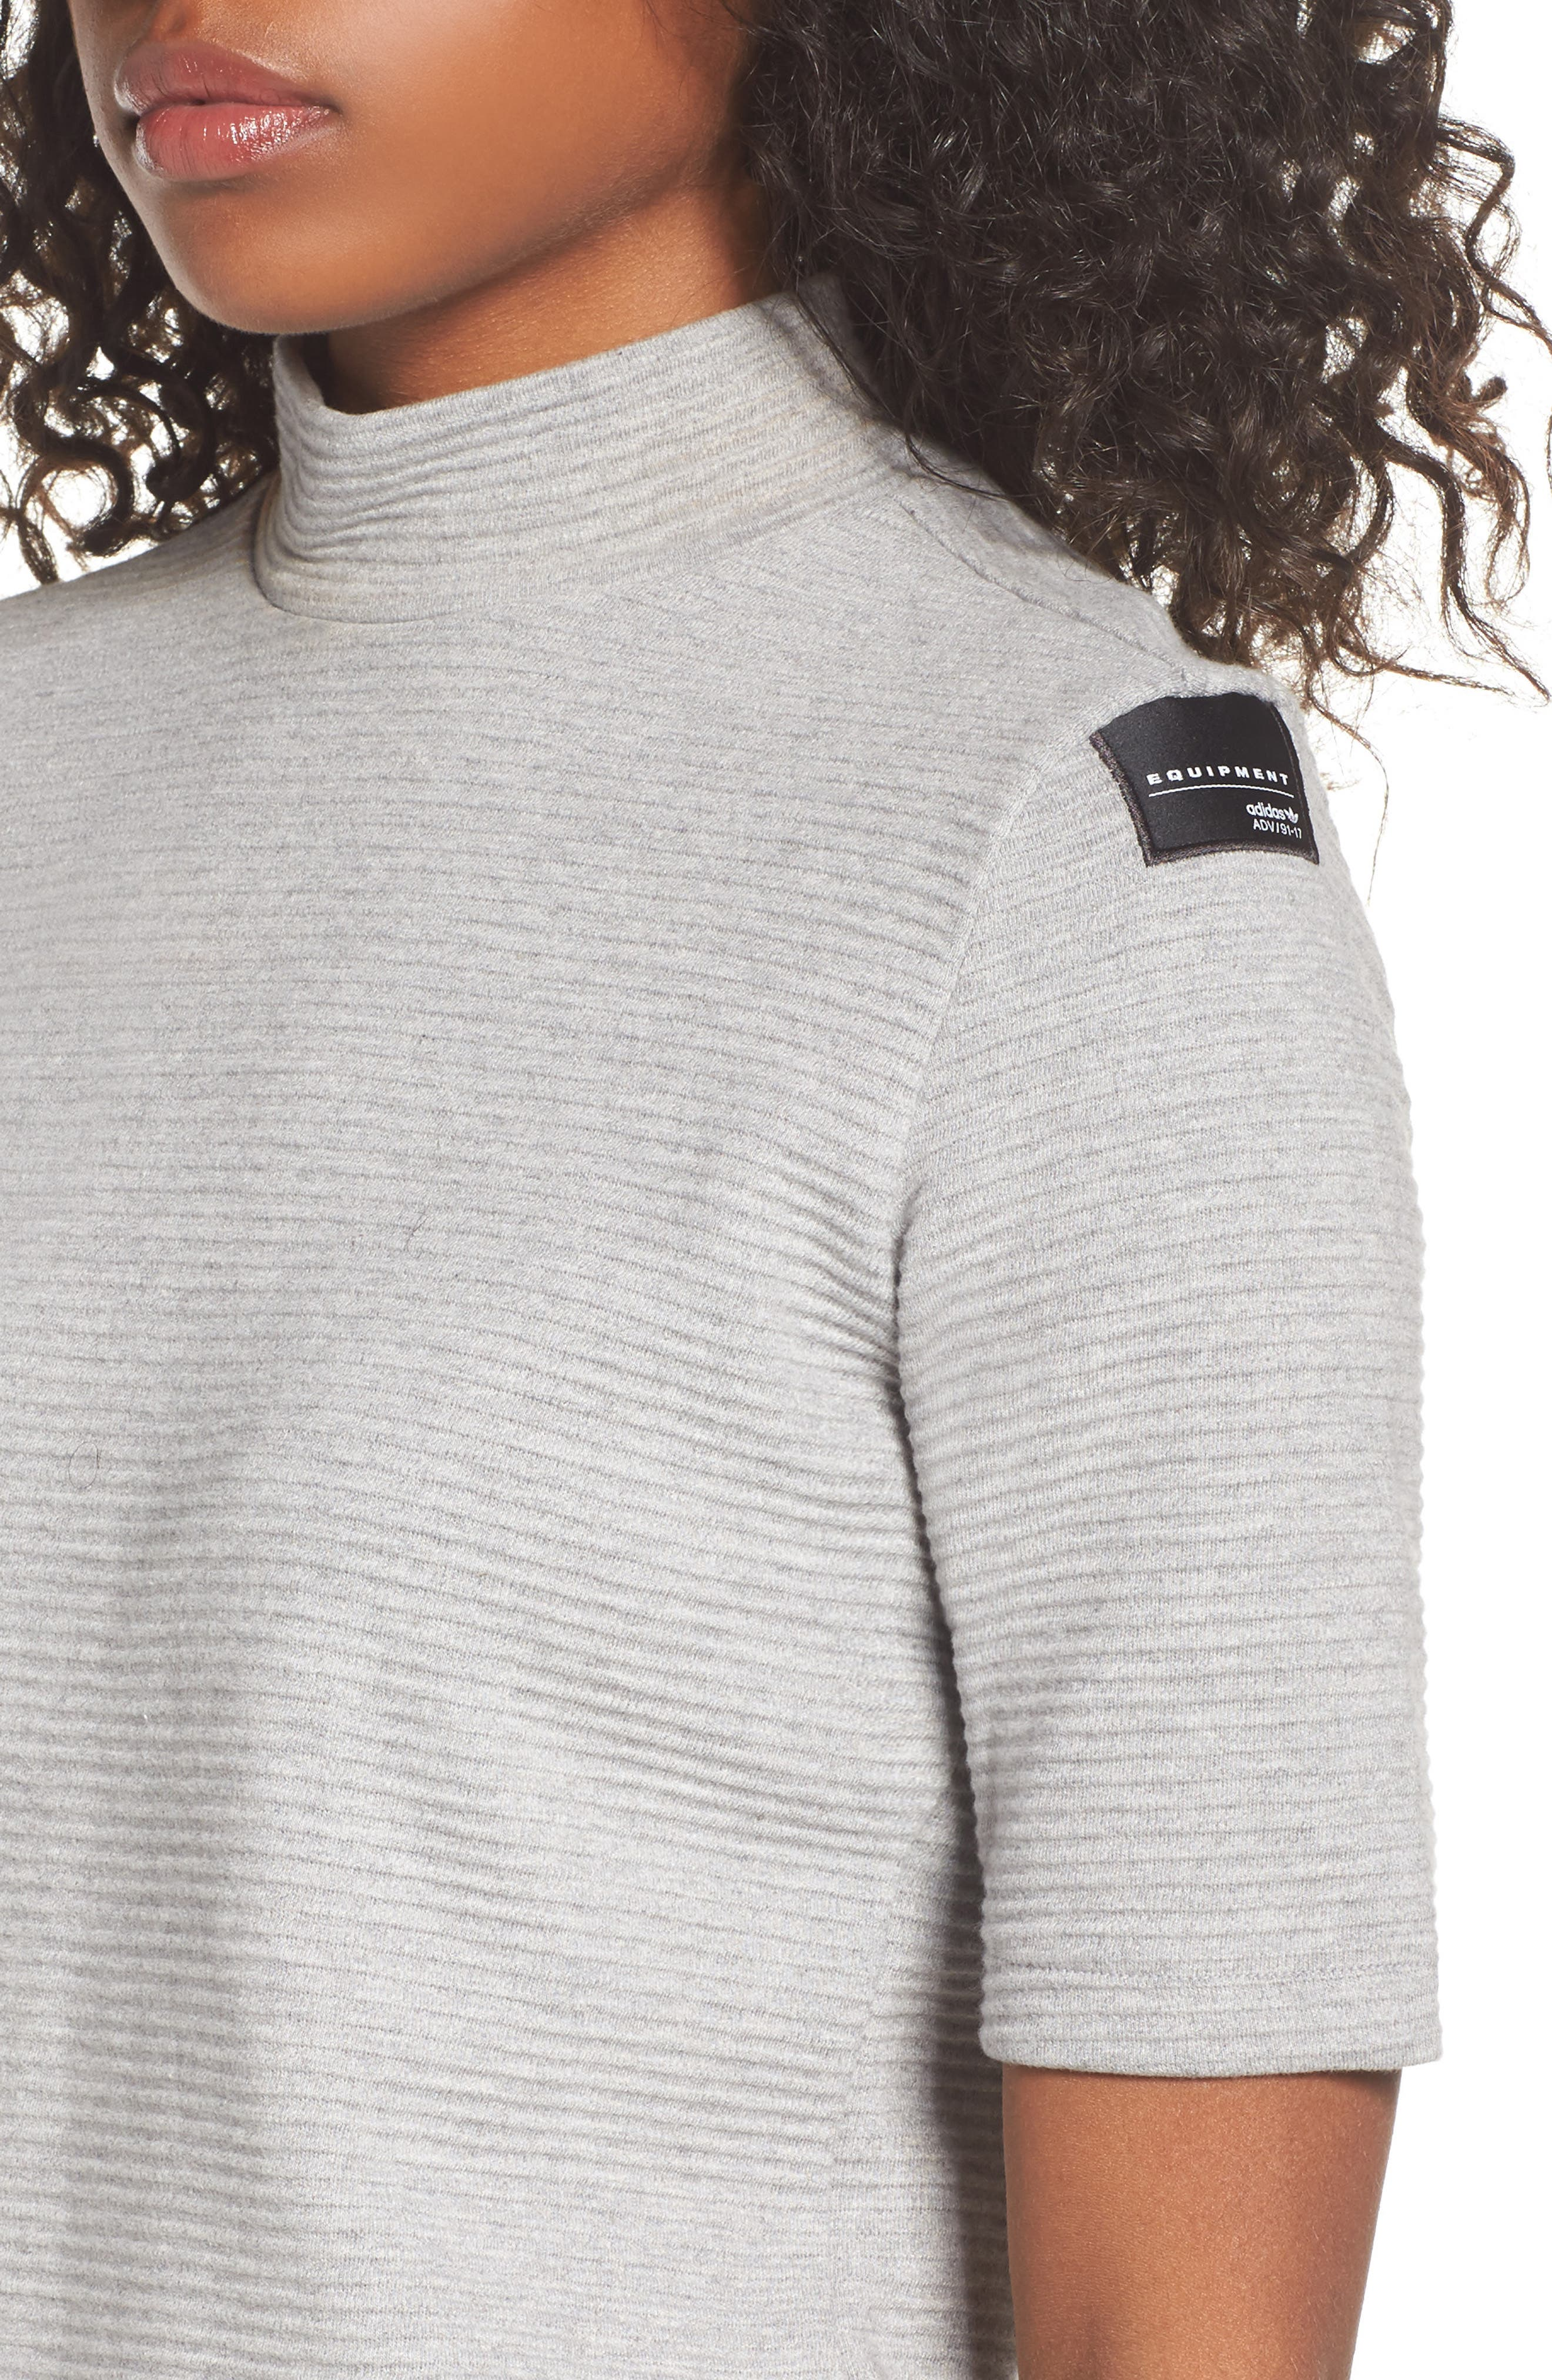 Originals EQT Sweatshirt,                             Alternate thumbnail 4, color,                             Medium Grey Heather